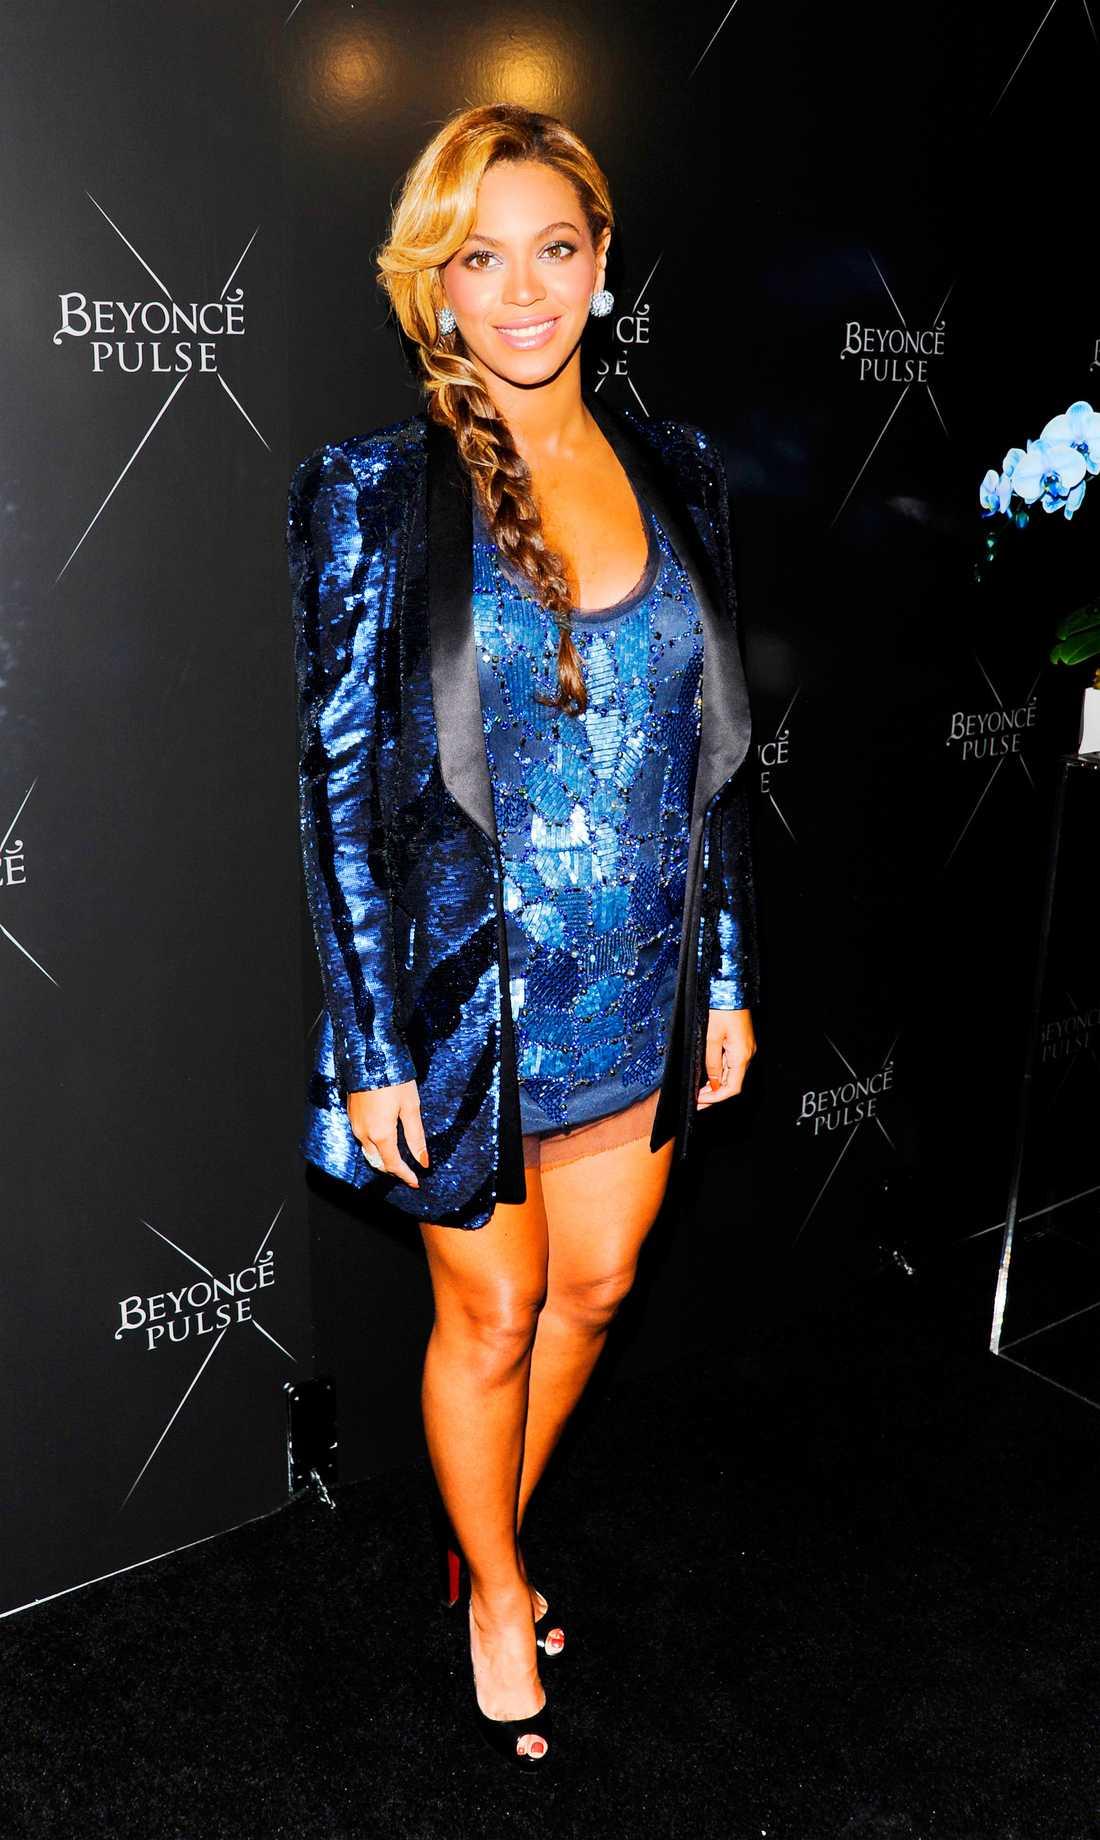 I april började Kanye West dejta Kim Kardashian. Något som Queen B inte alls gillade.